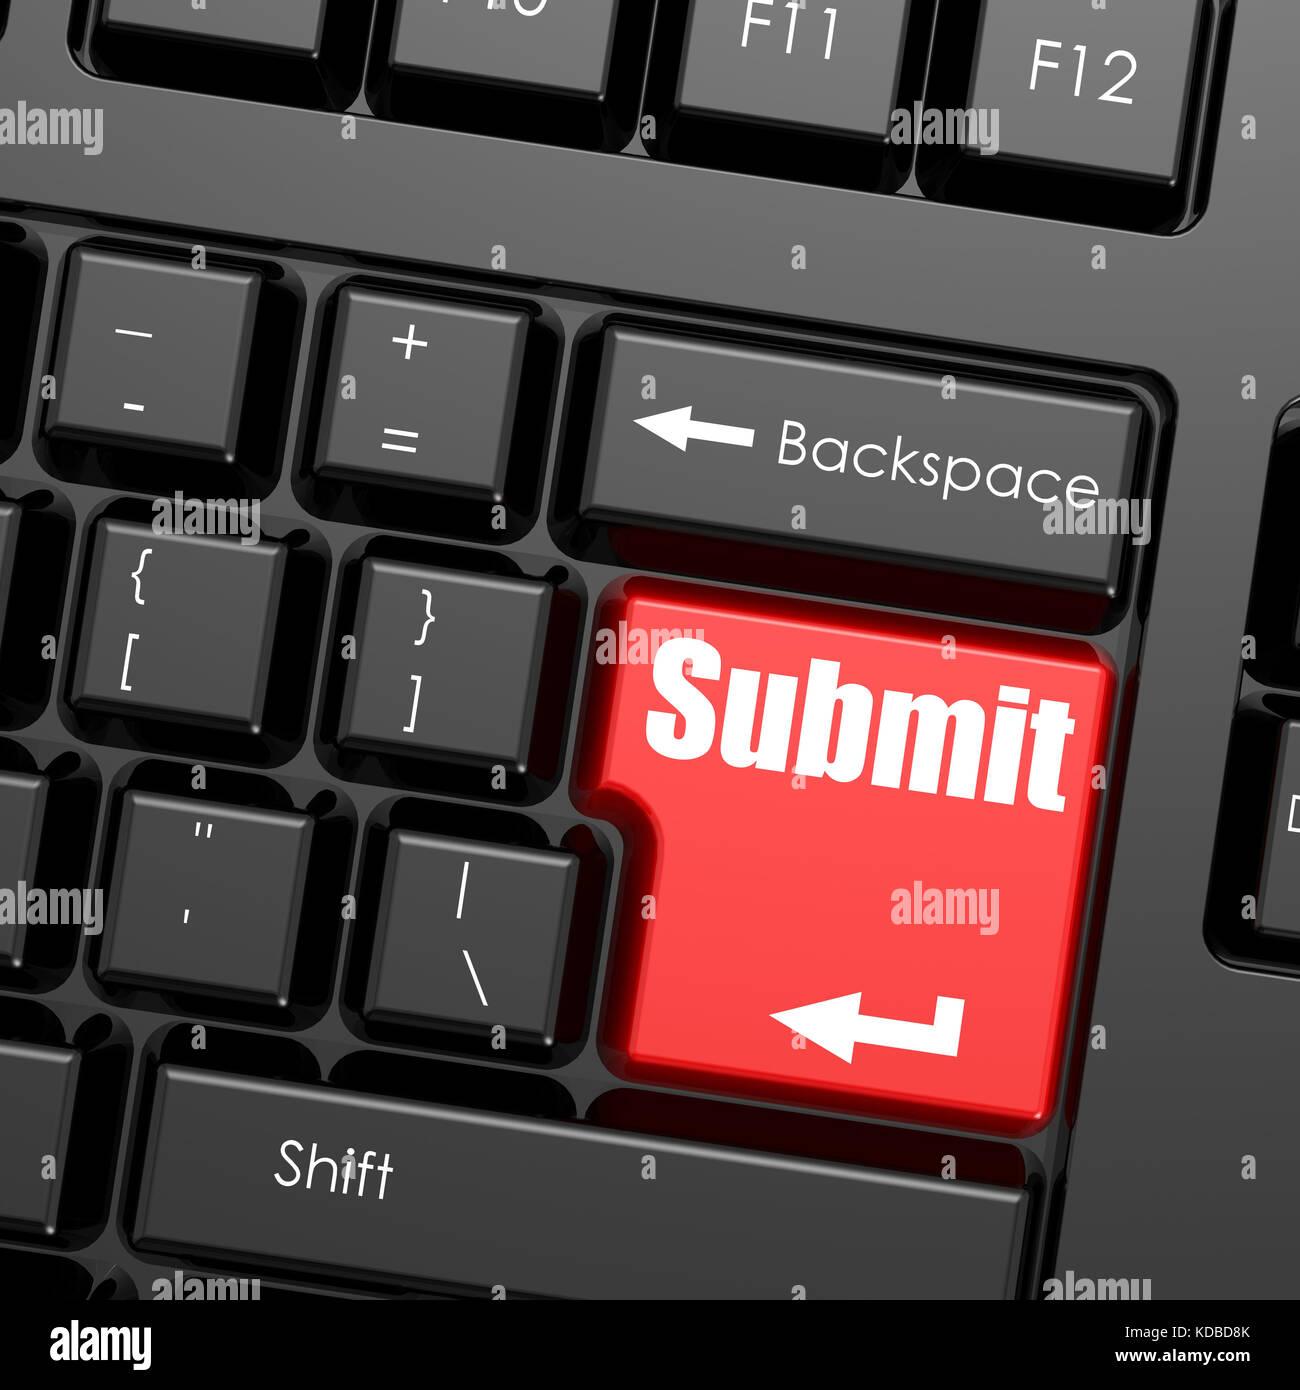 Rojo el botón enter en el teclado del ordenador, enviar word concepto de negocio. Imagen De Stock